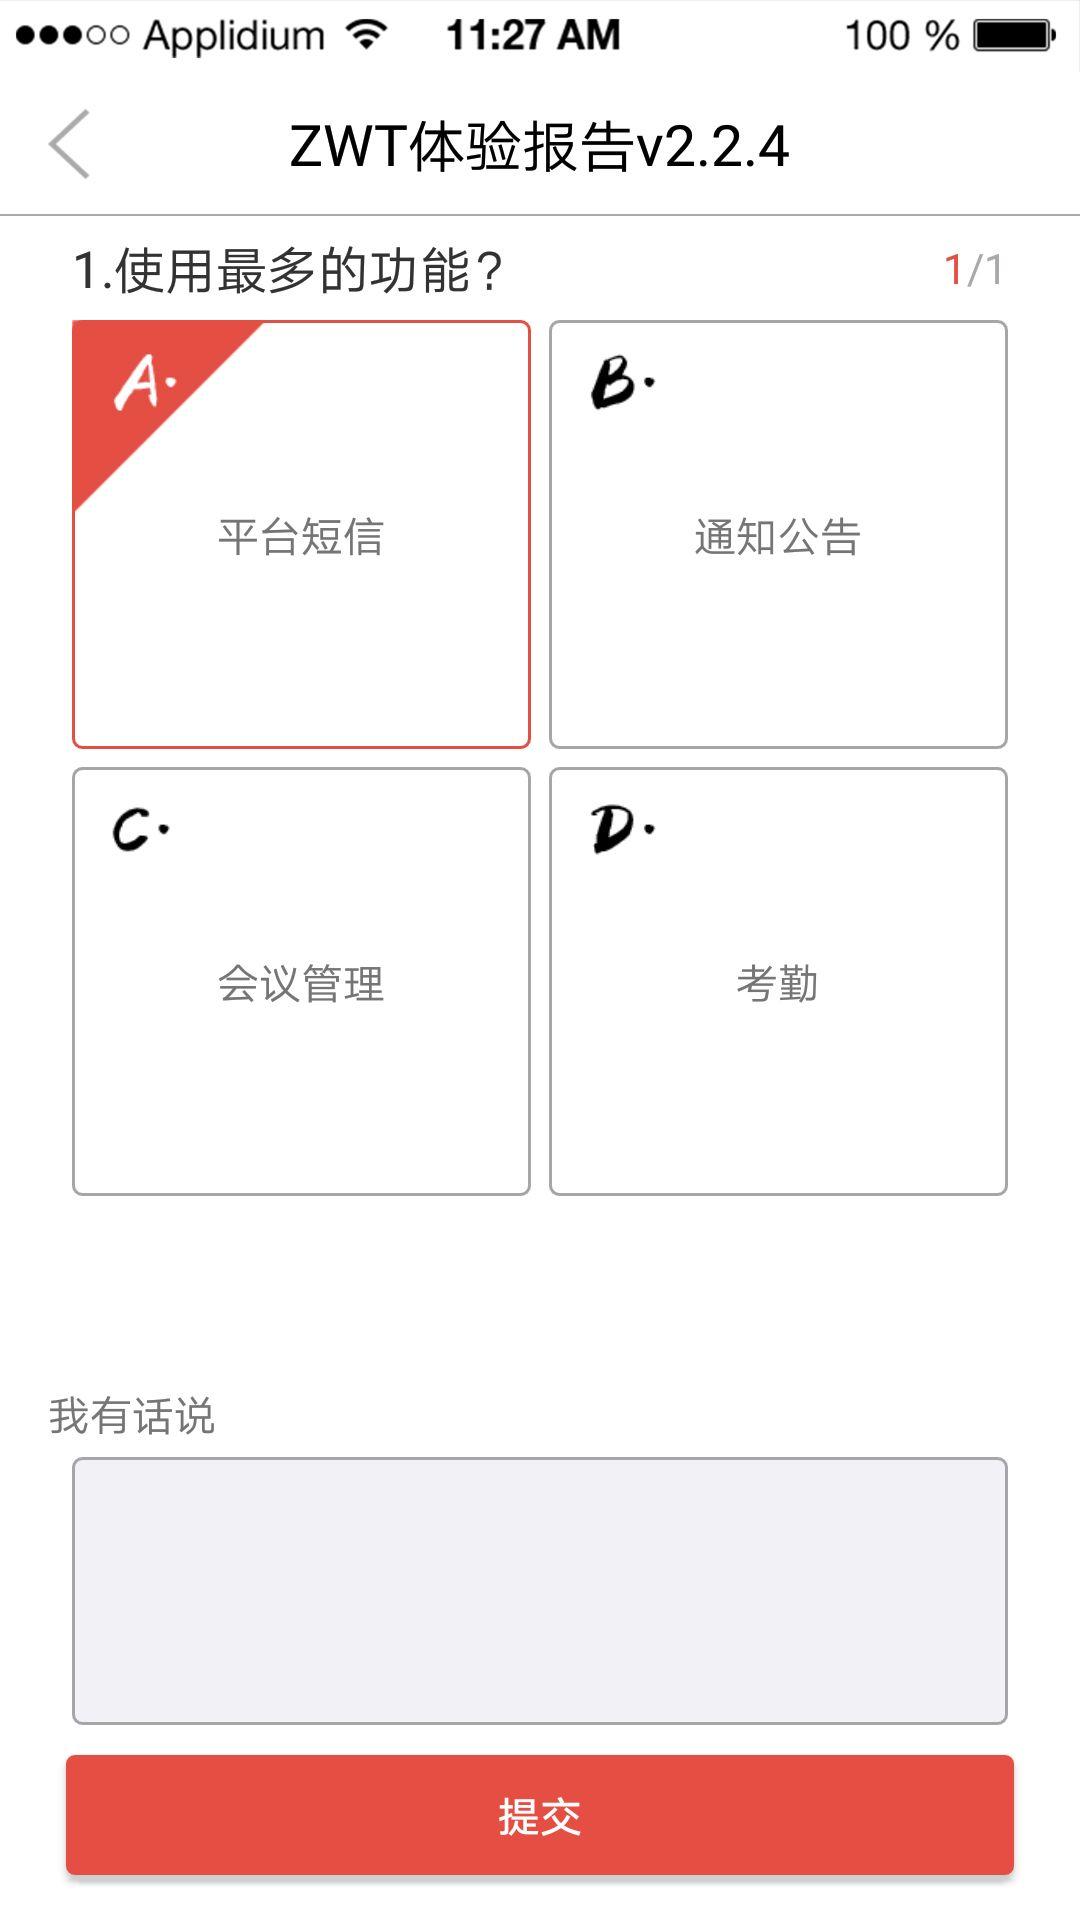 政务通官网app手机版下载图片3